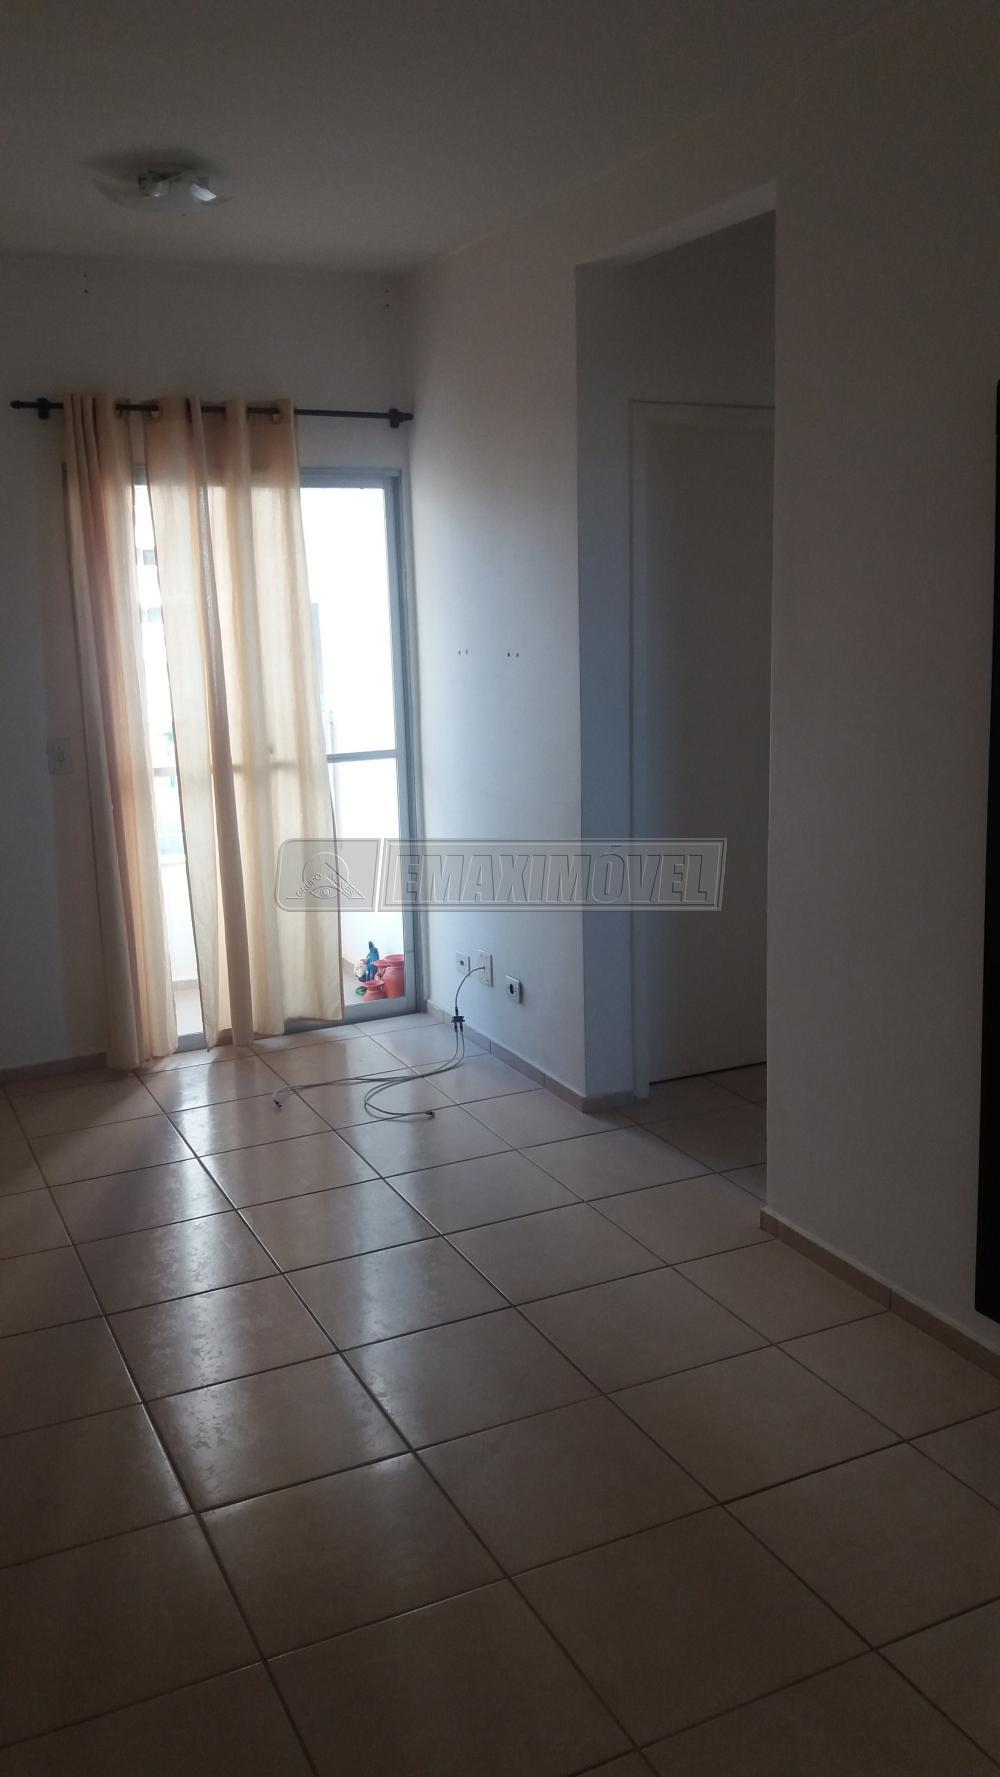 Comprar Apartamentos / Apto Padrão em Sorocaba apenas R$ 190.000,00 - Foto 3